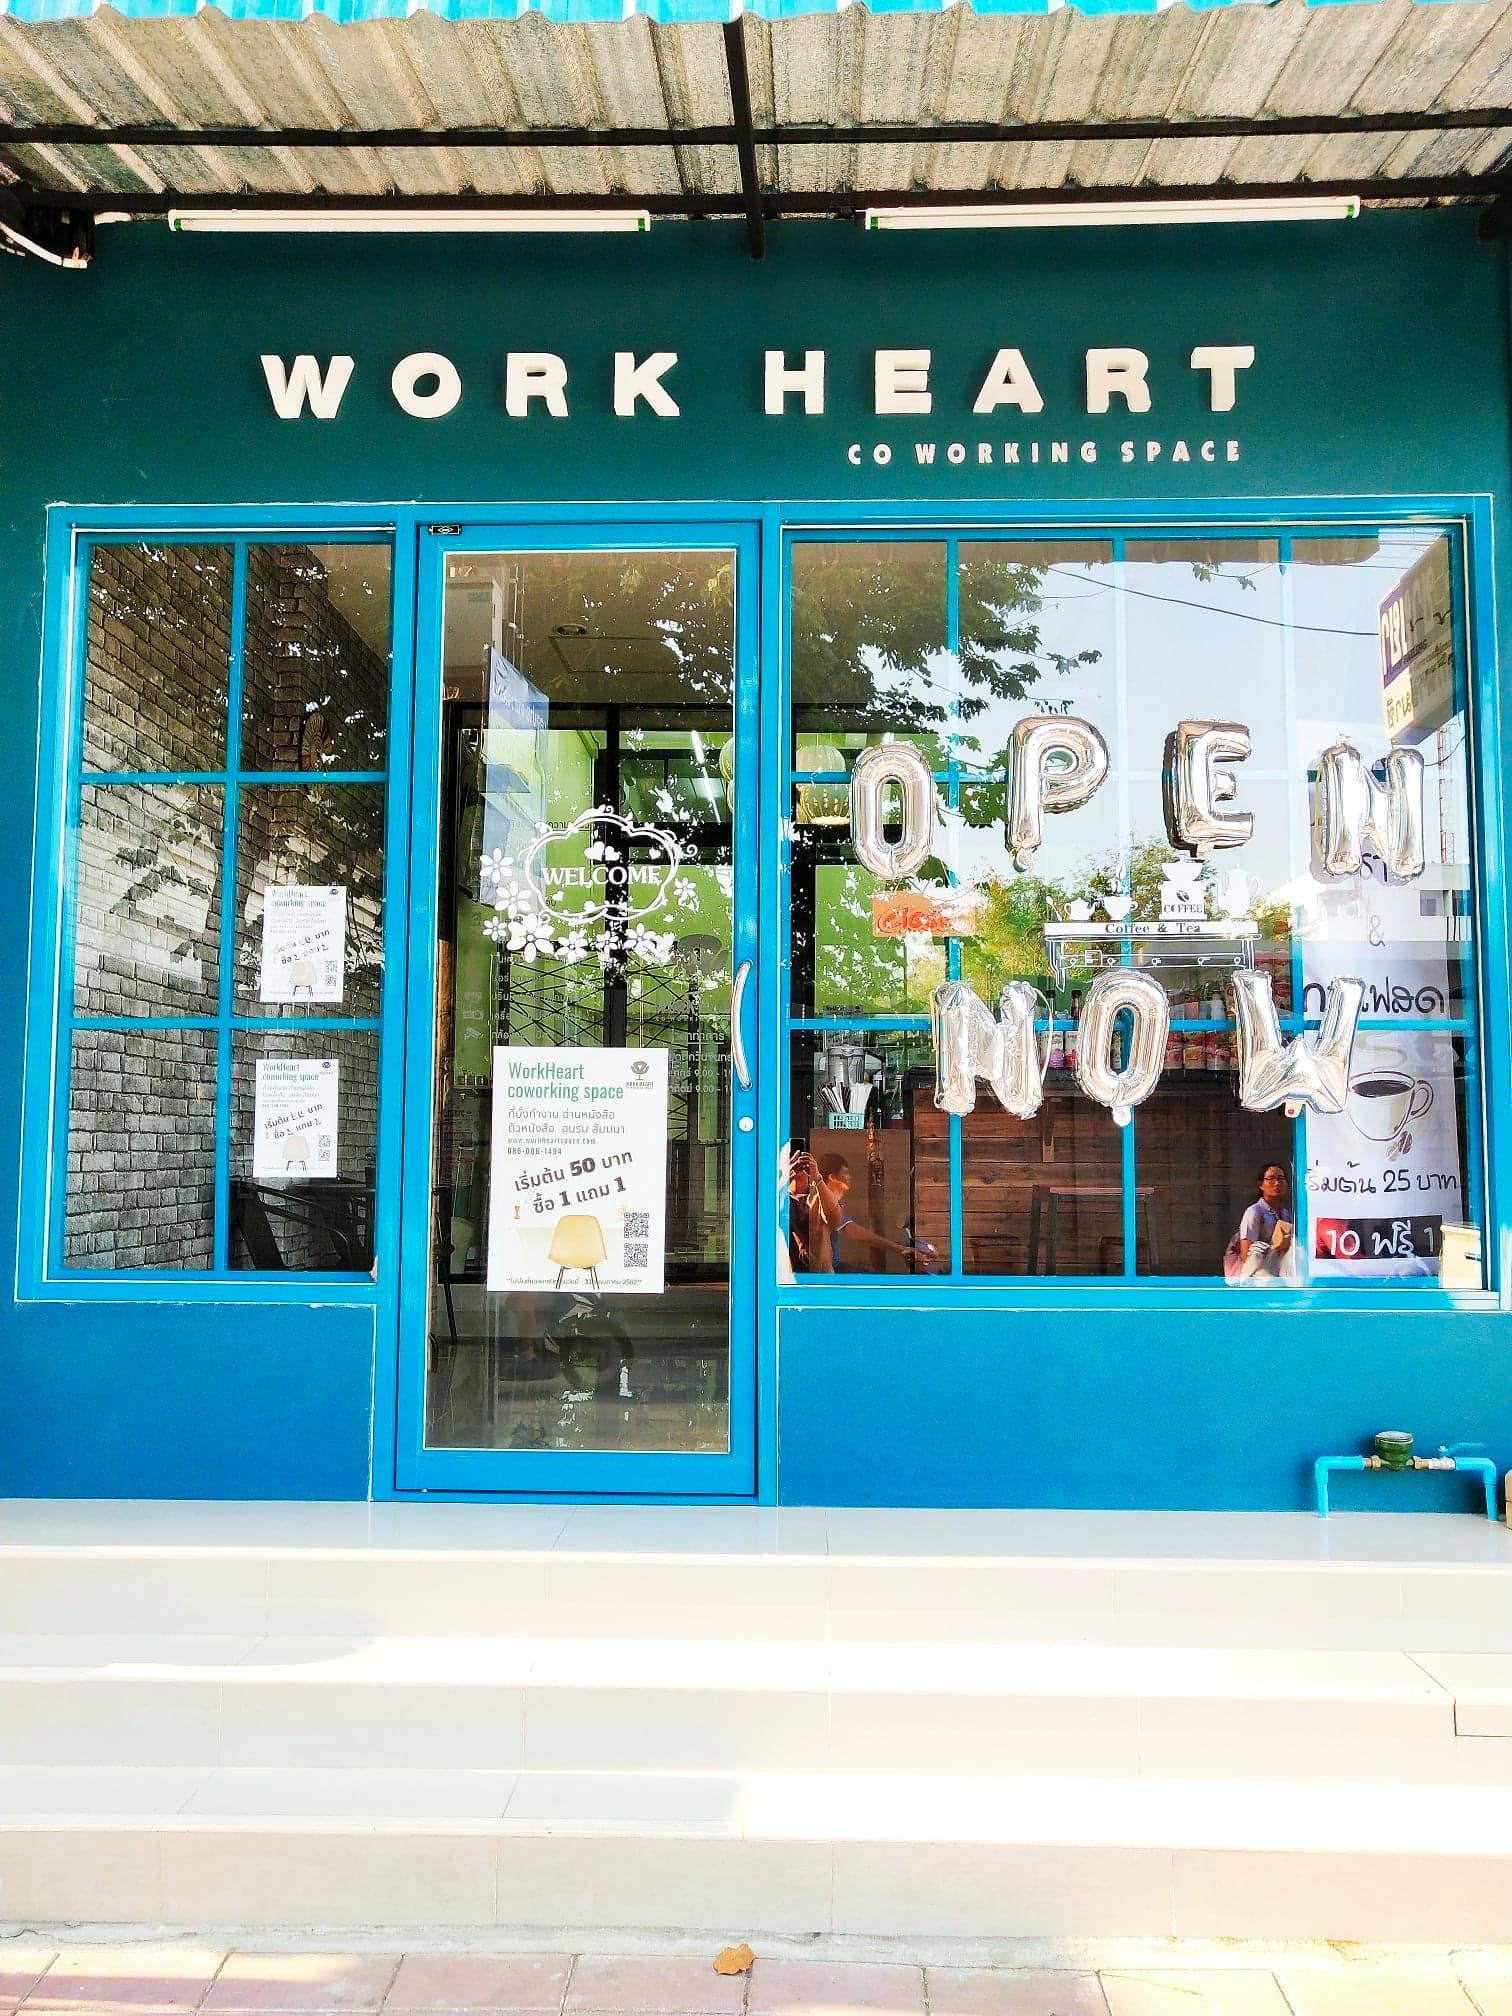 Work Heart Coworking Space, Bangkok